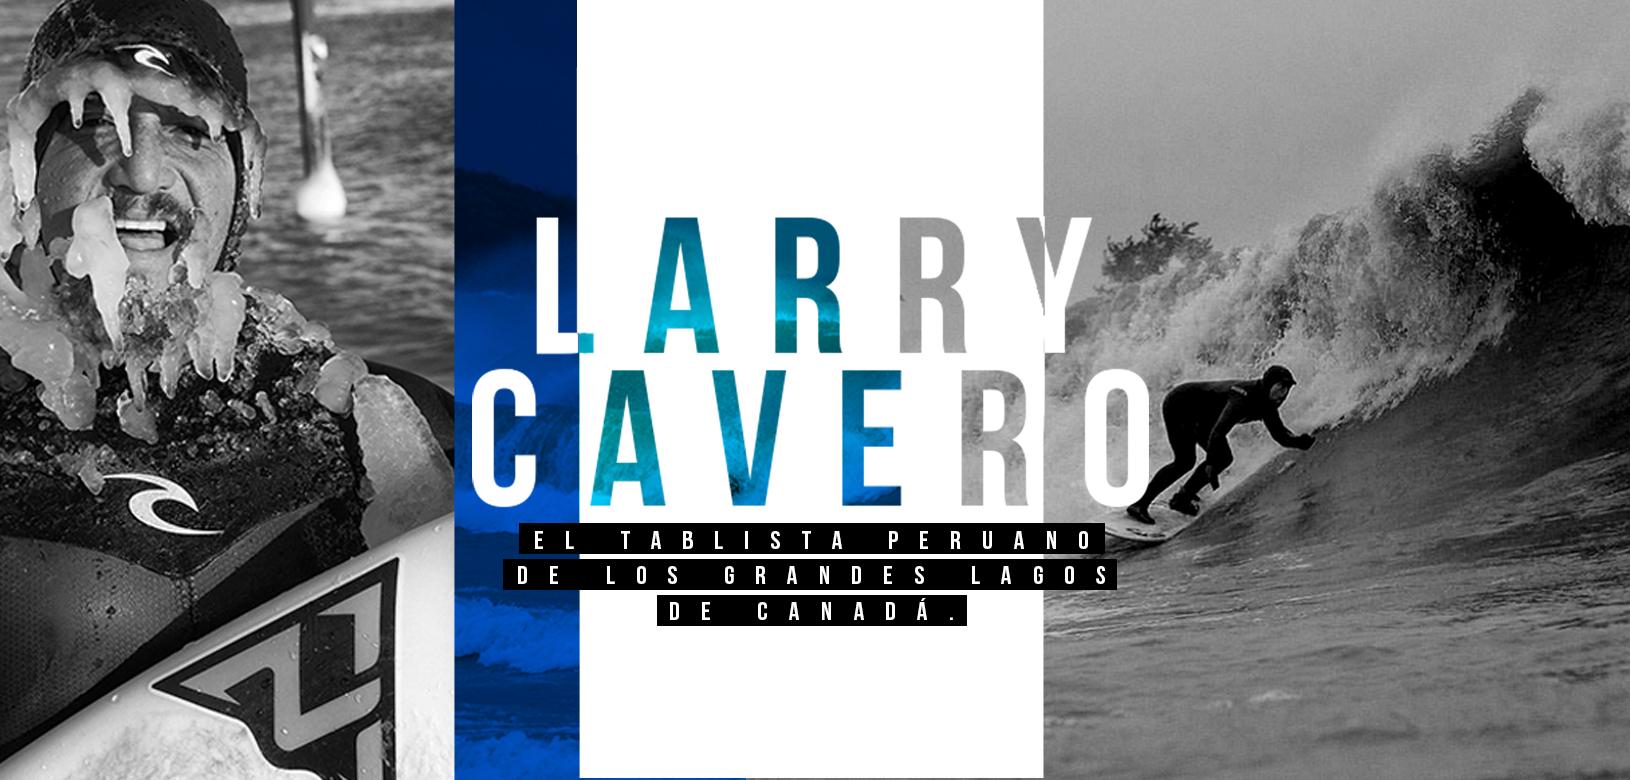 Larry Cavero, el tablista peruano de los Grandes Lagos de Canadá